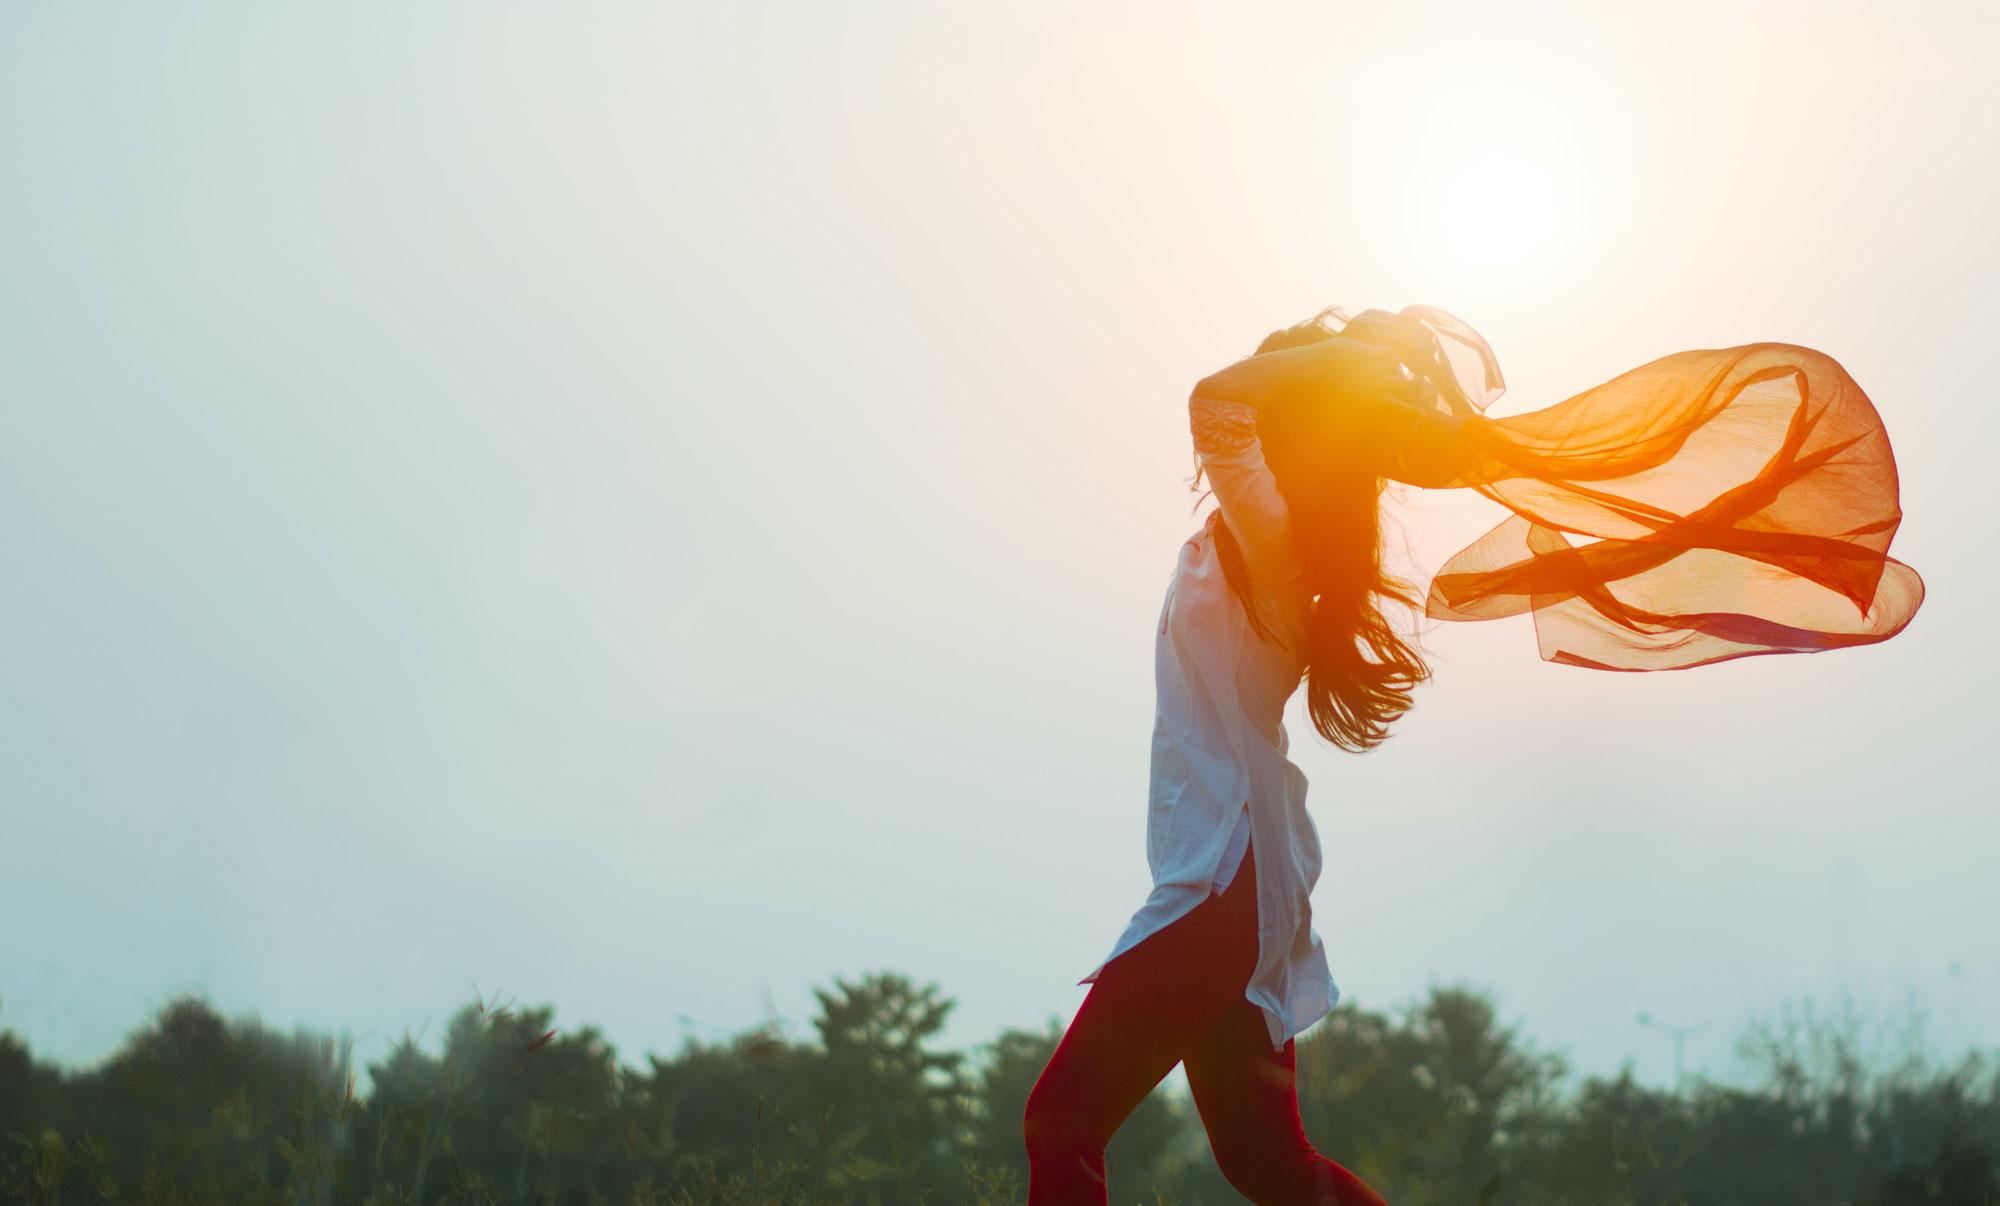 Mai = herausfordernd,  transformierend, ent-täuschend, befreiend, erfreuend